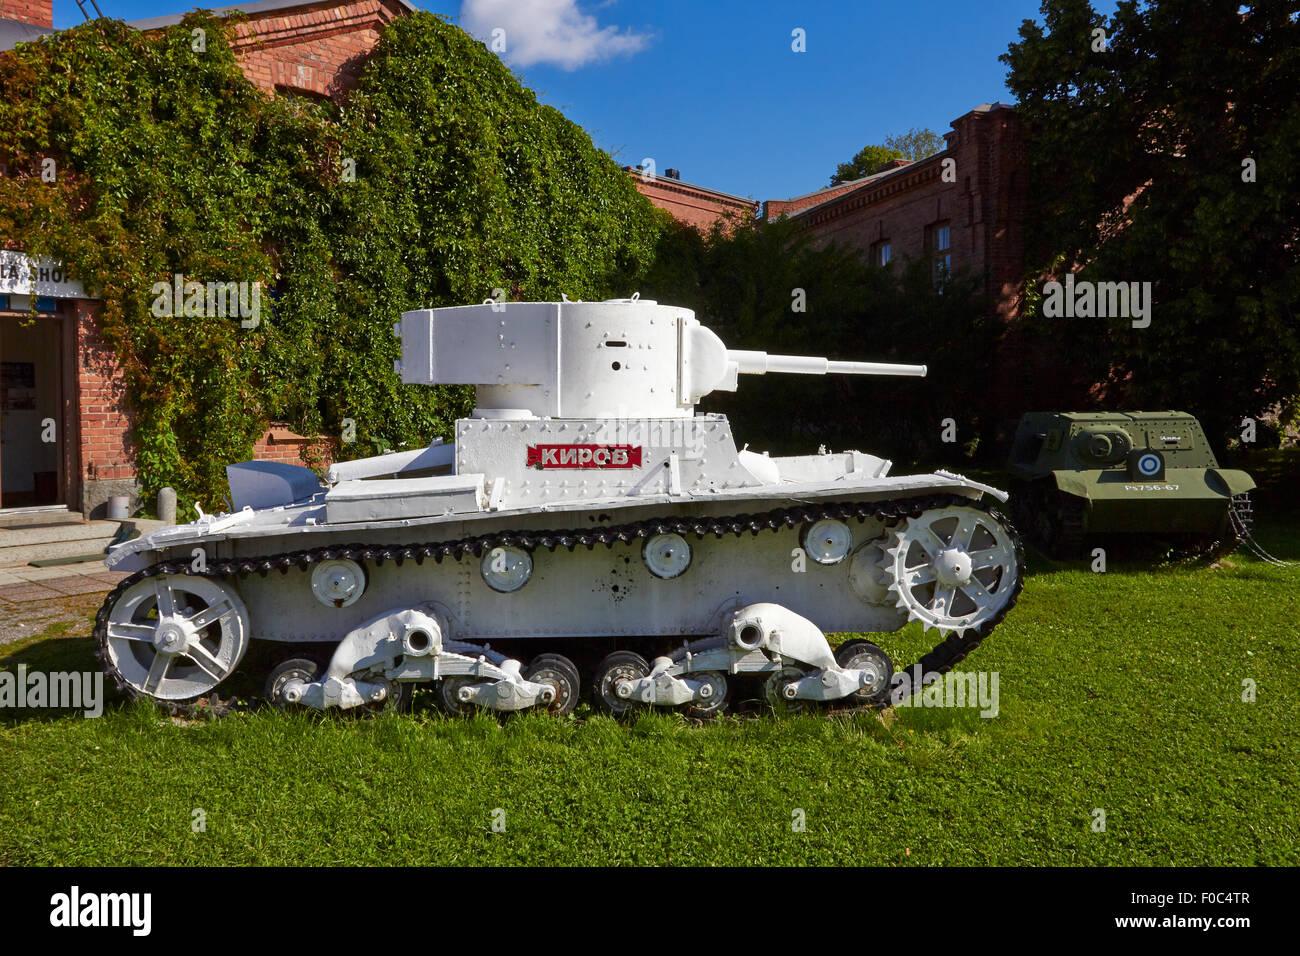 تصویر: https://c8.alamy.com/comp/F0C4TR/the-russian-kirov-t26-tank-hmeenlinna-finland-F0C4TR.jpg